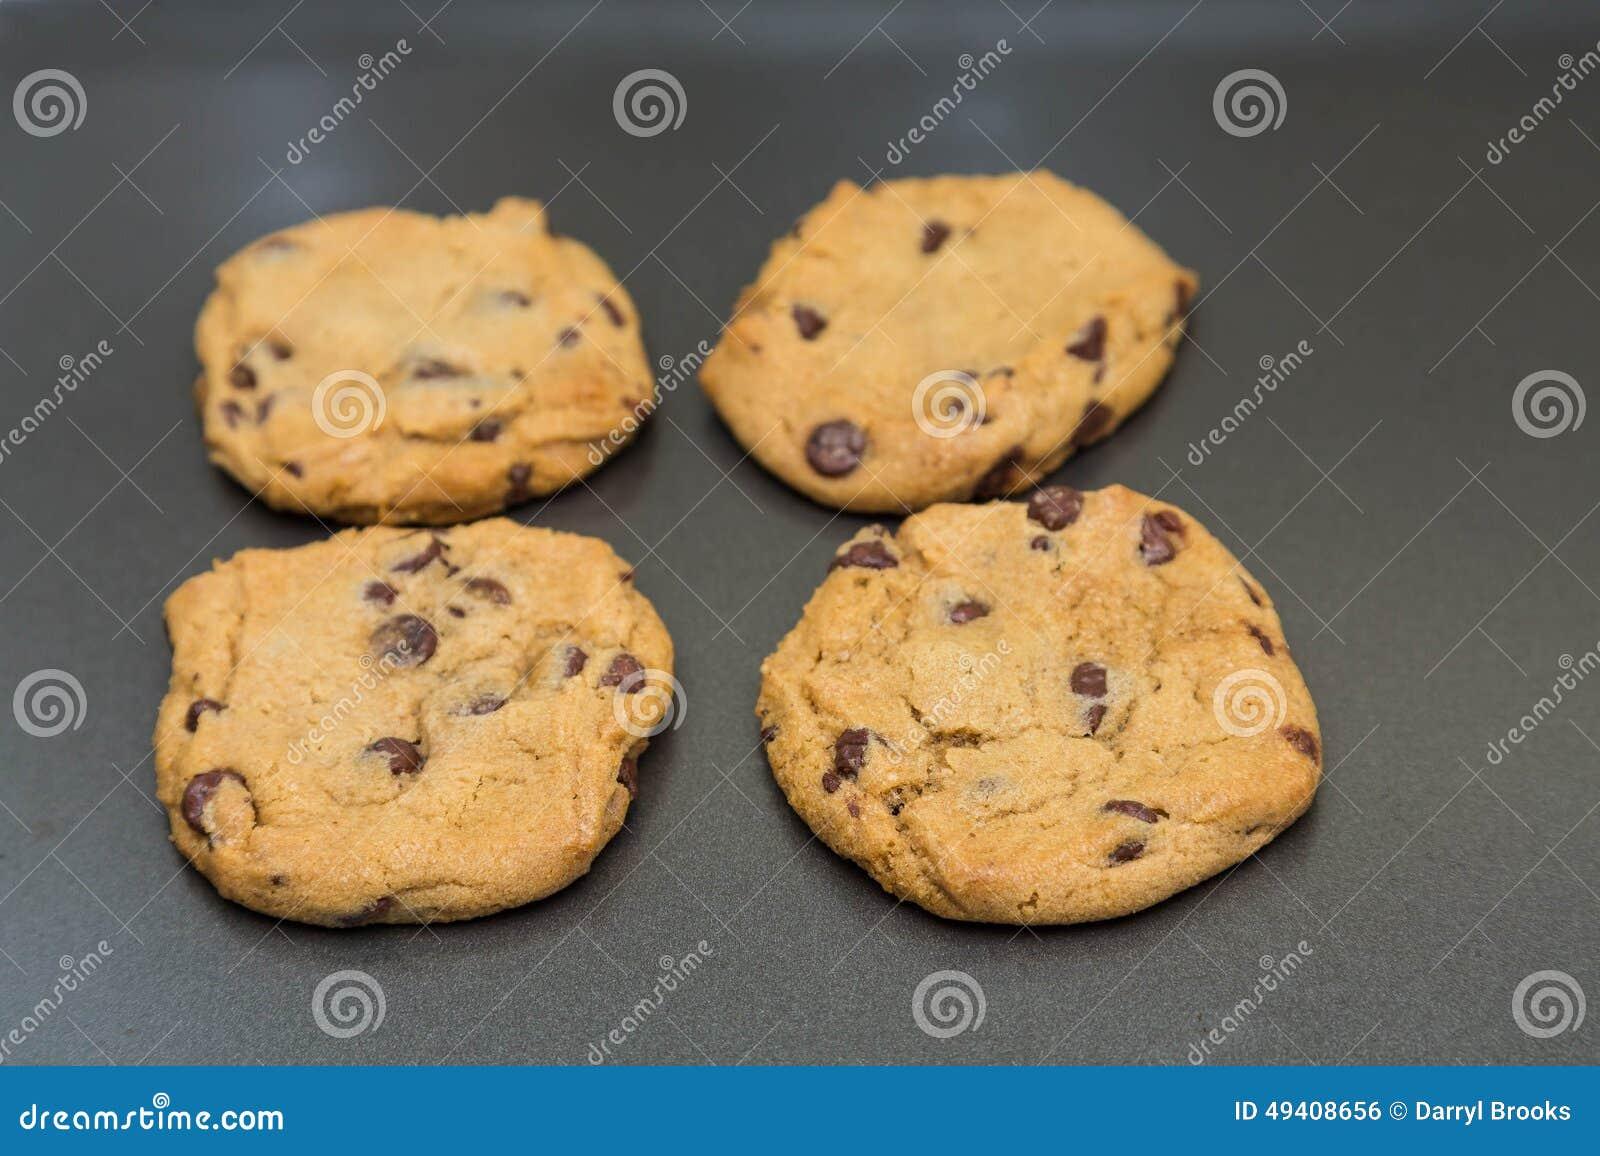 Download Vier Frische Gebackene Schokolade Chip Cookie Stockfoto - Bild von gebacken, biskuit: 49408656